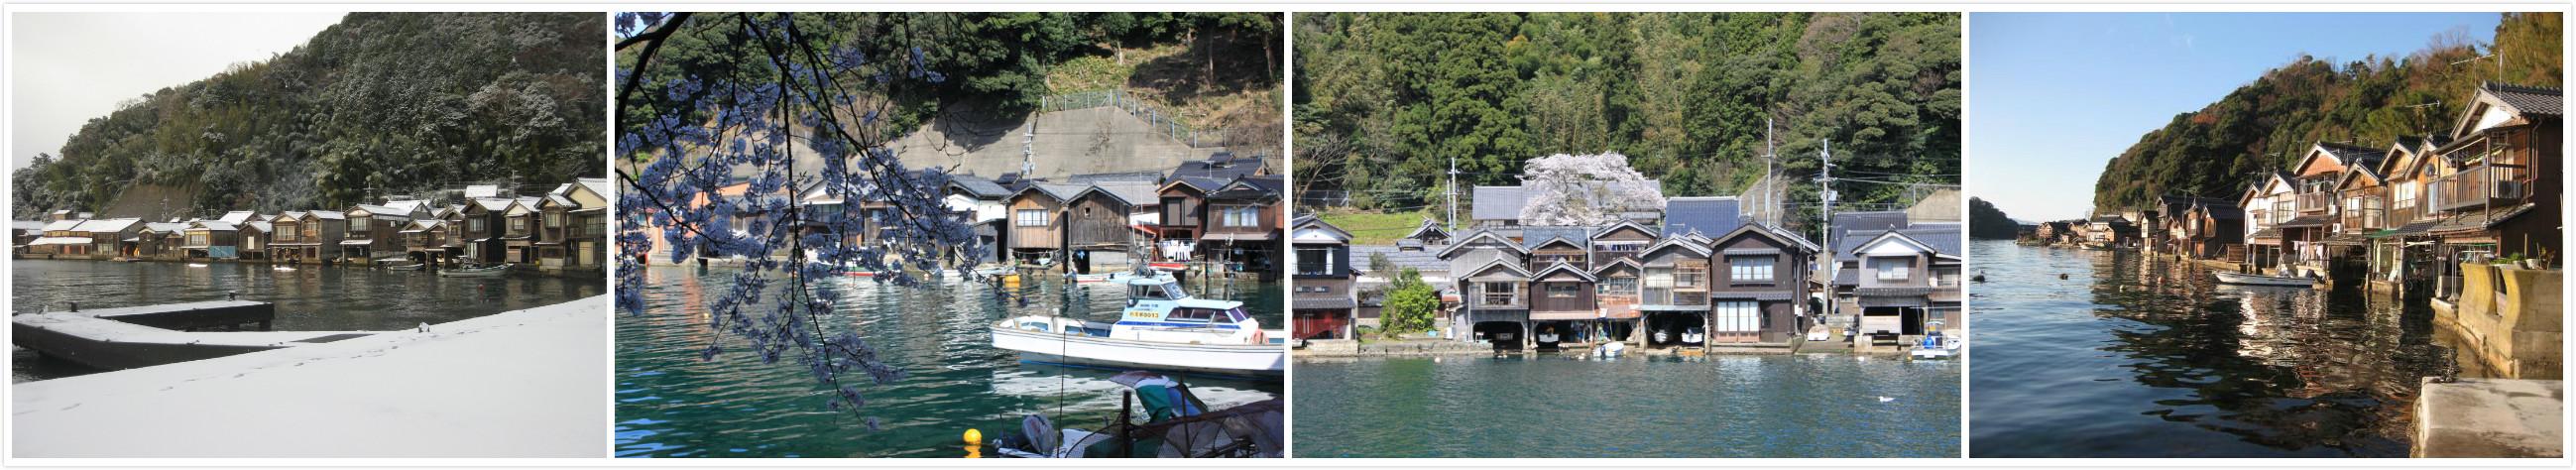 日本威尼斯 伊根舟屋散策